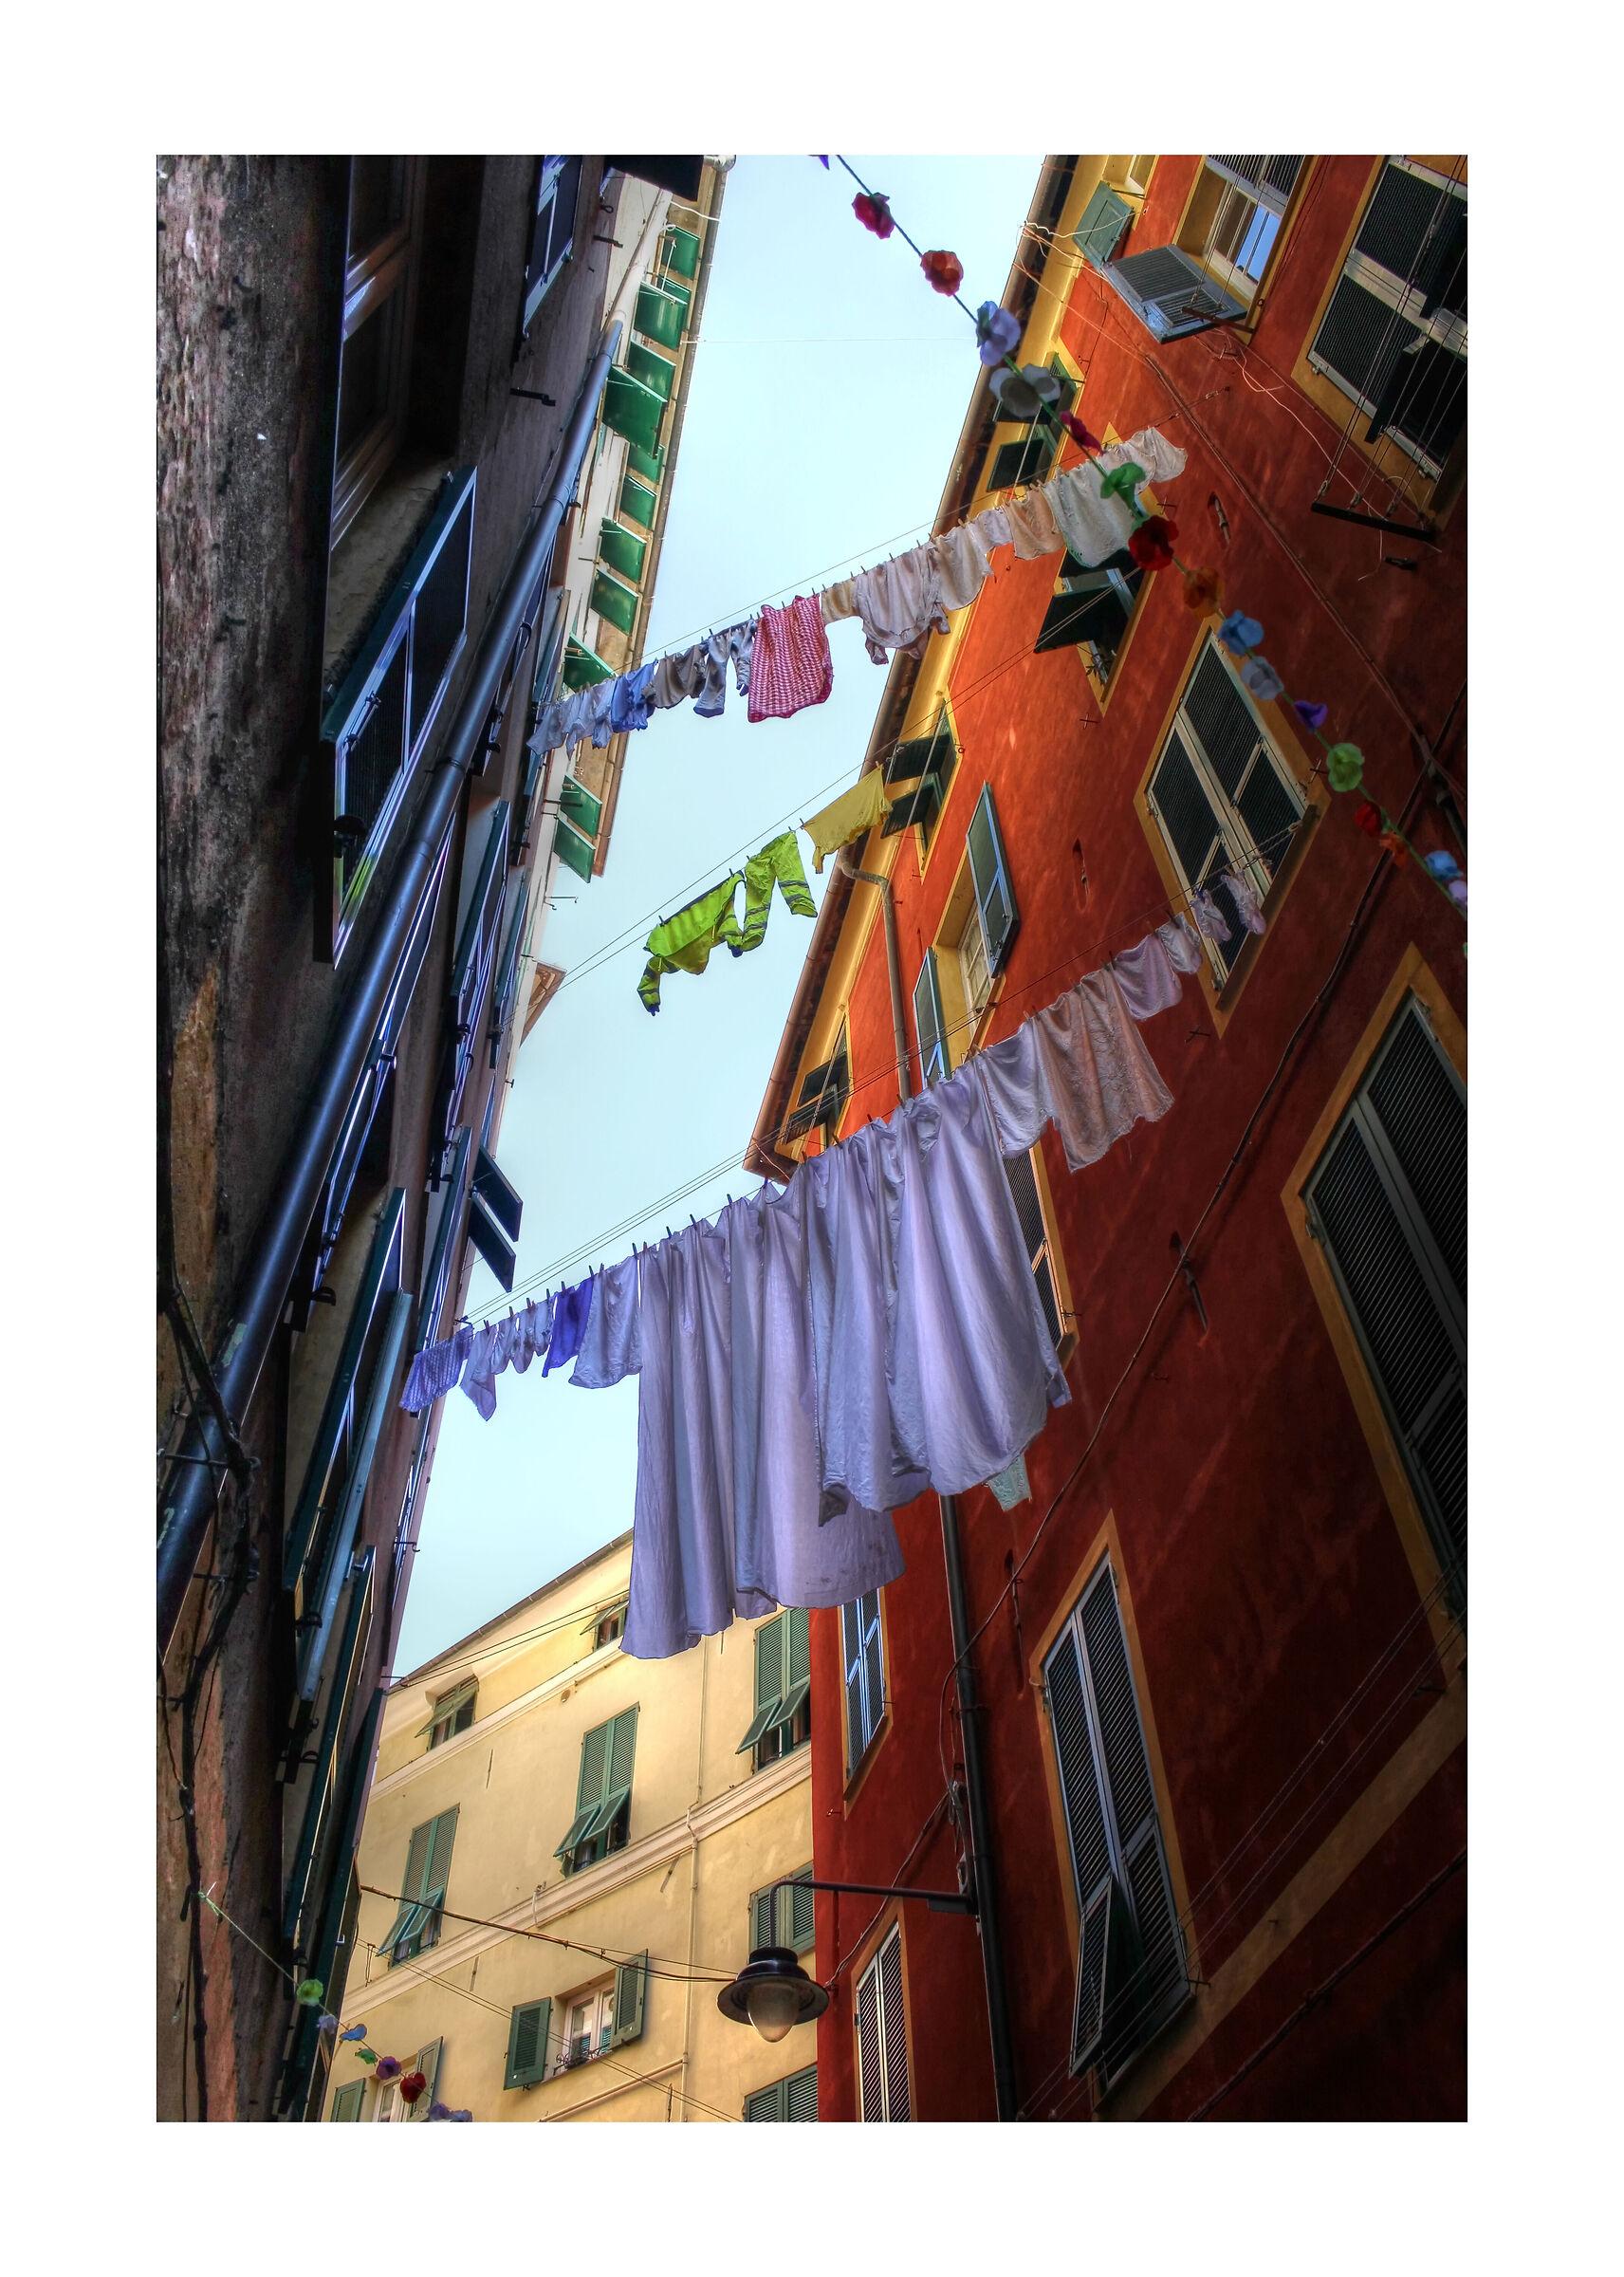 Cloths laid out at Porta di Sant'Andrea...